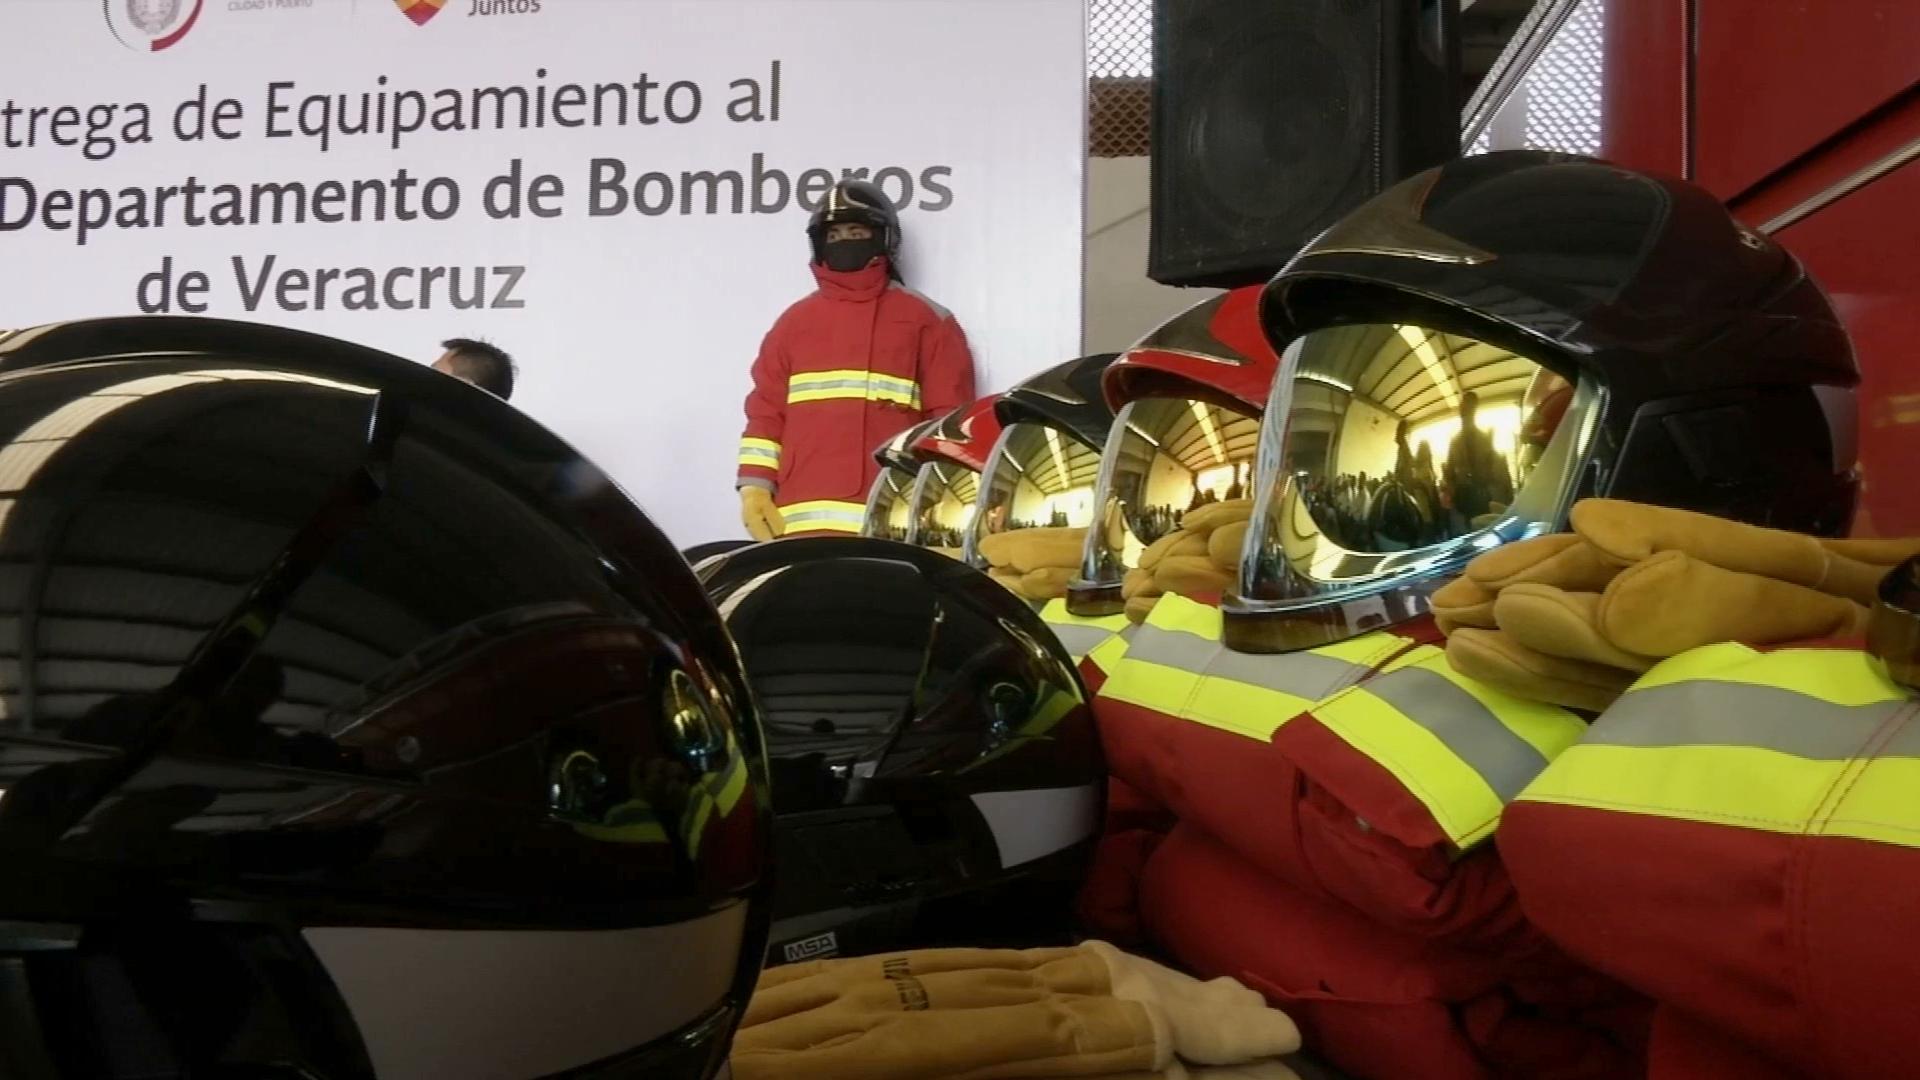 Entregan trajes nuevos al Heroico Cuerpo de Bomberos de Veracruz